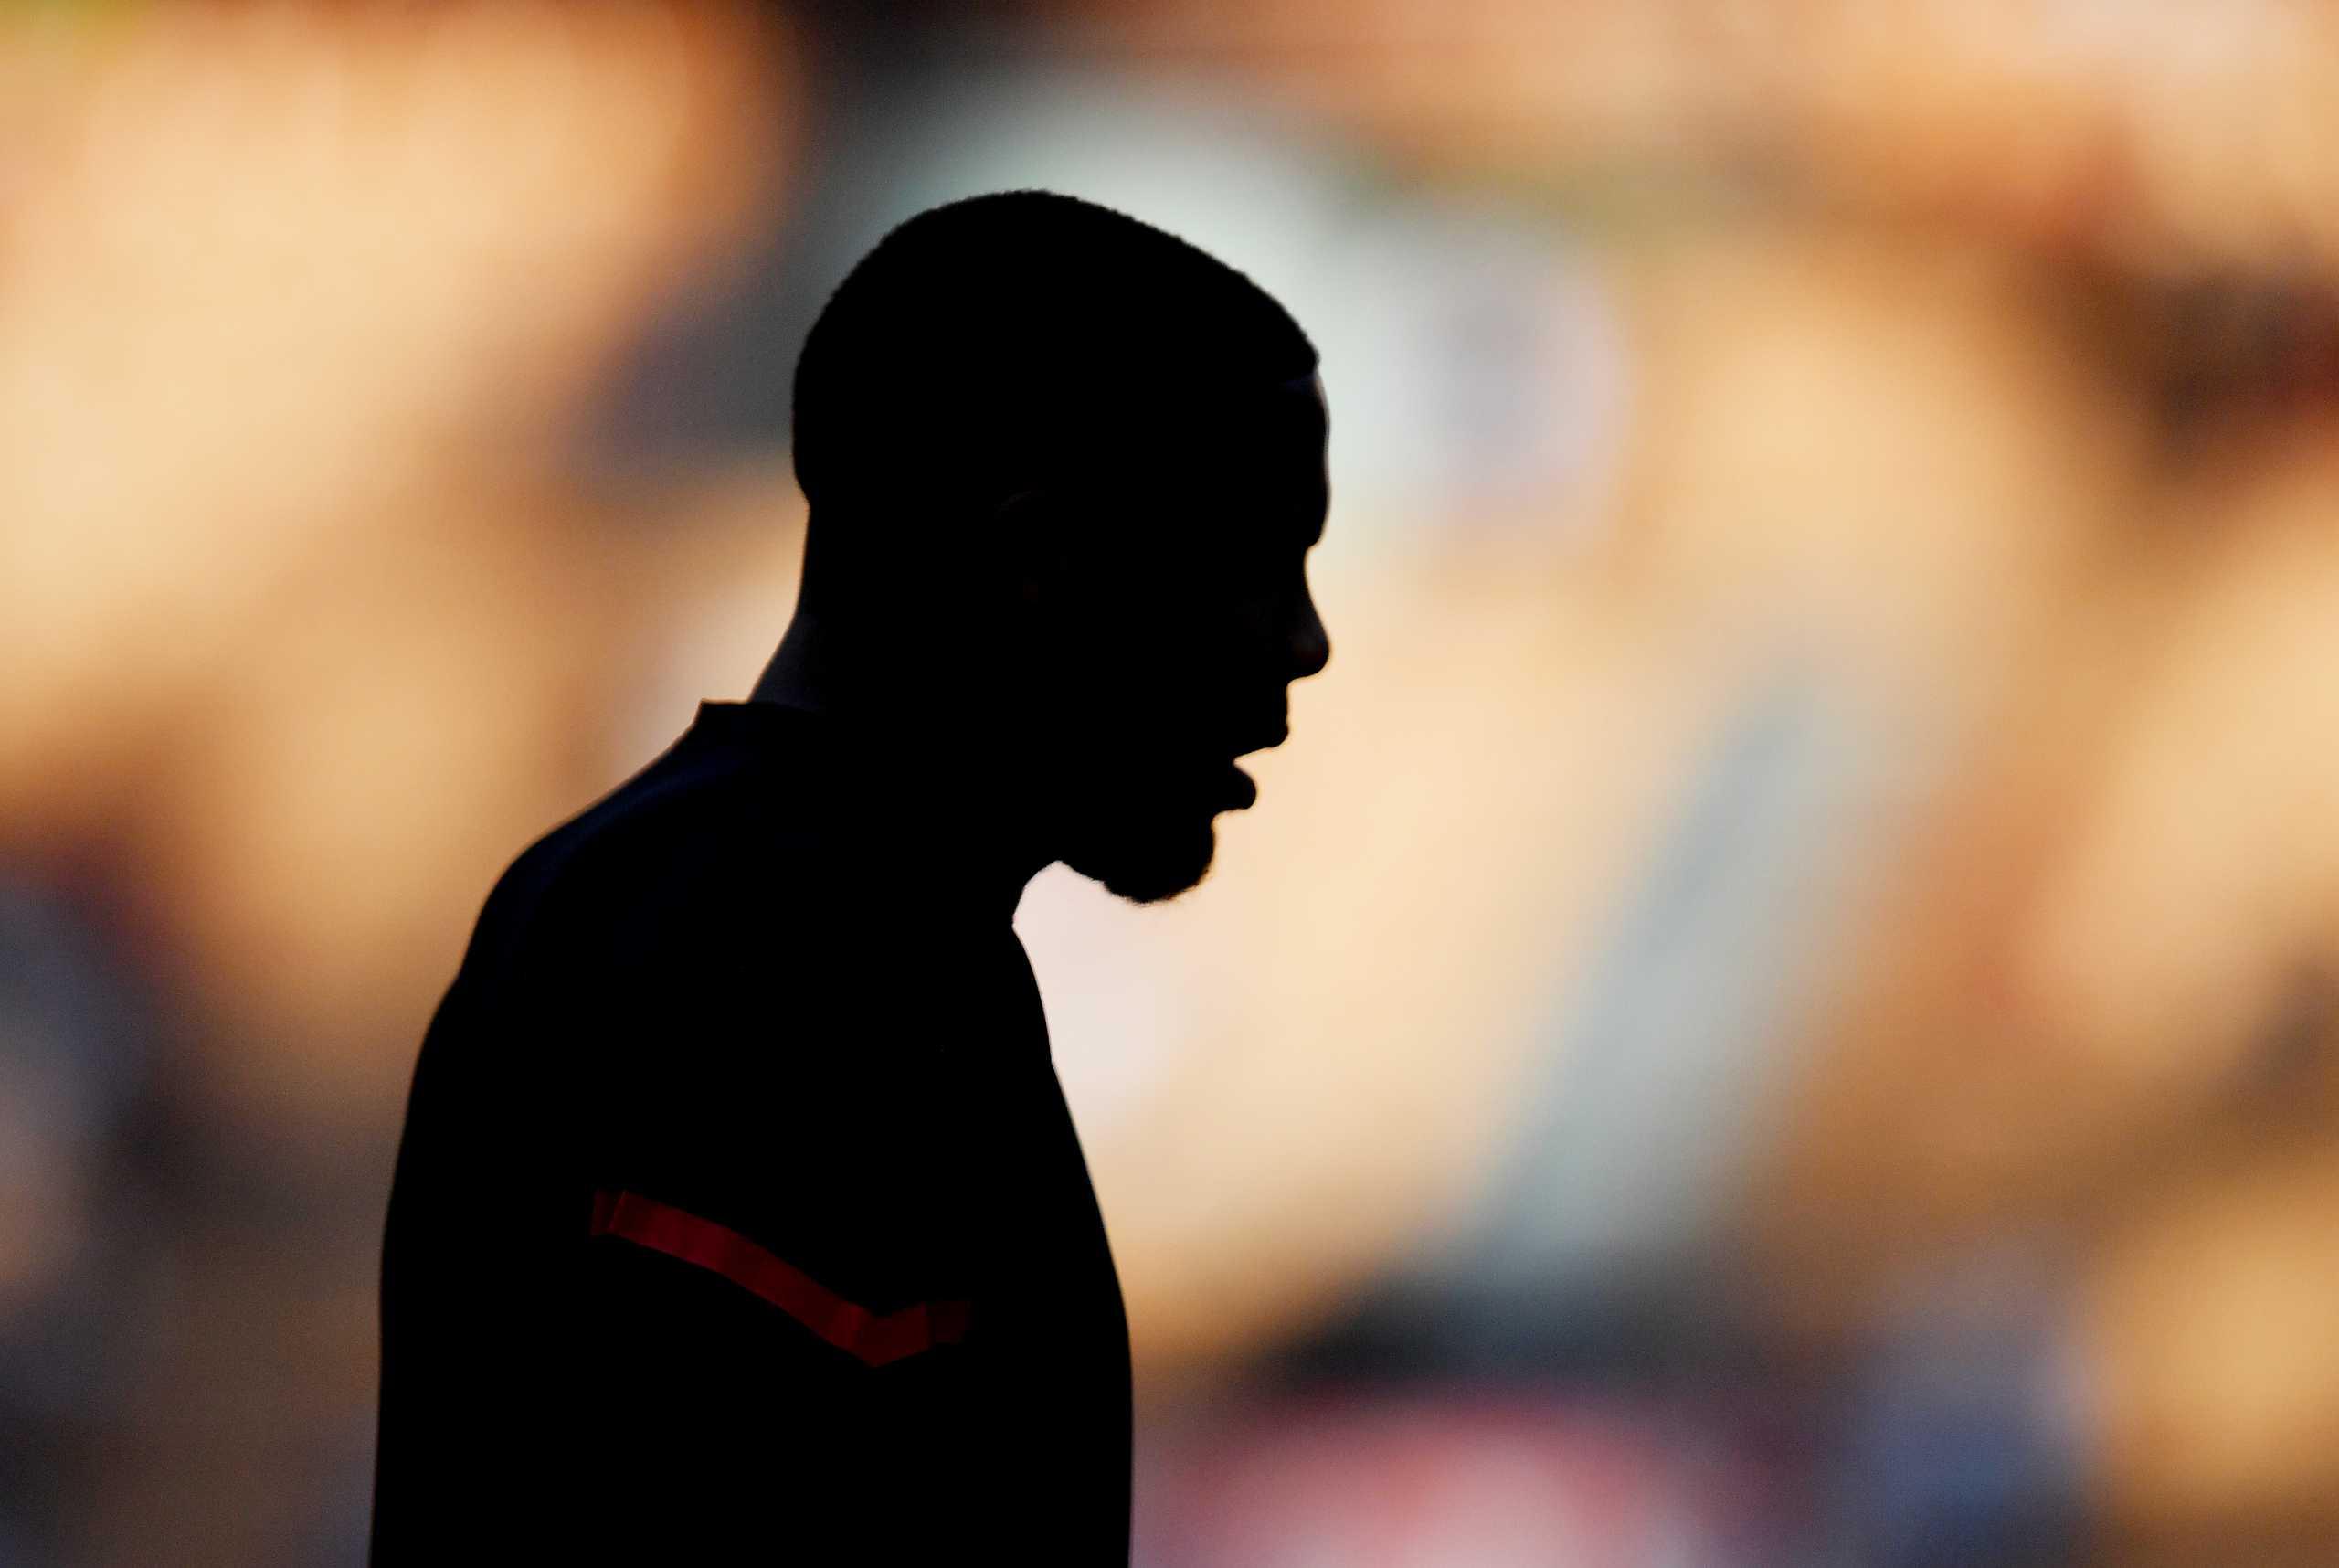 Γιουβέντους – Μίλαν: Φοβερή απάντηση στις ρατσιστικές προσβολές – «Δεν είμαι θύμα, είμαι μαύρος και περήφανος»